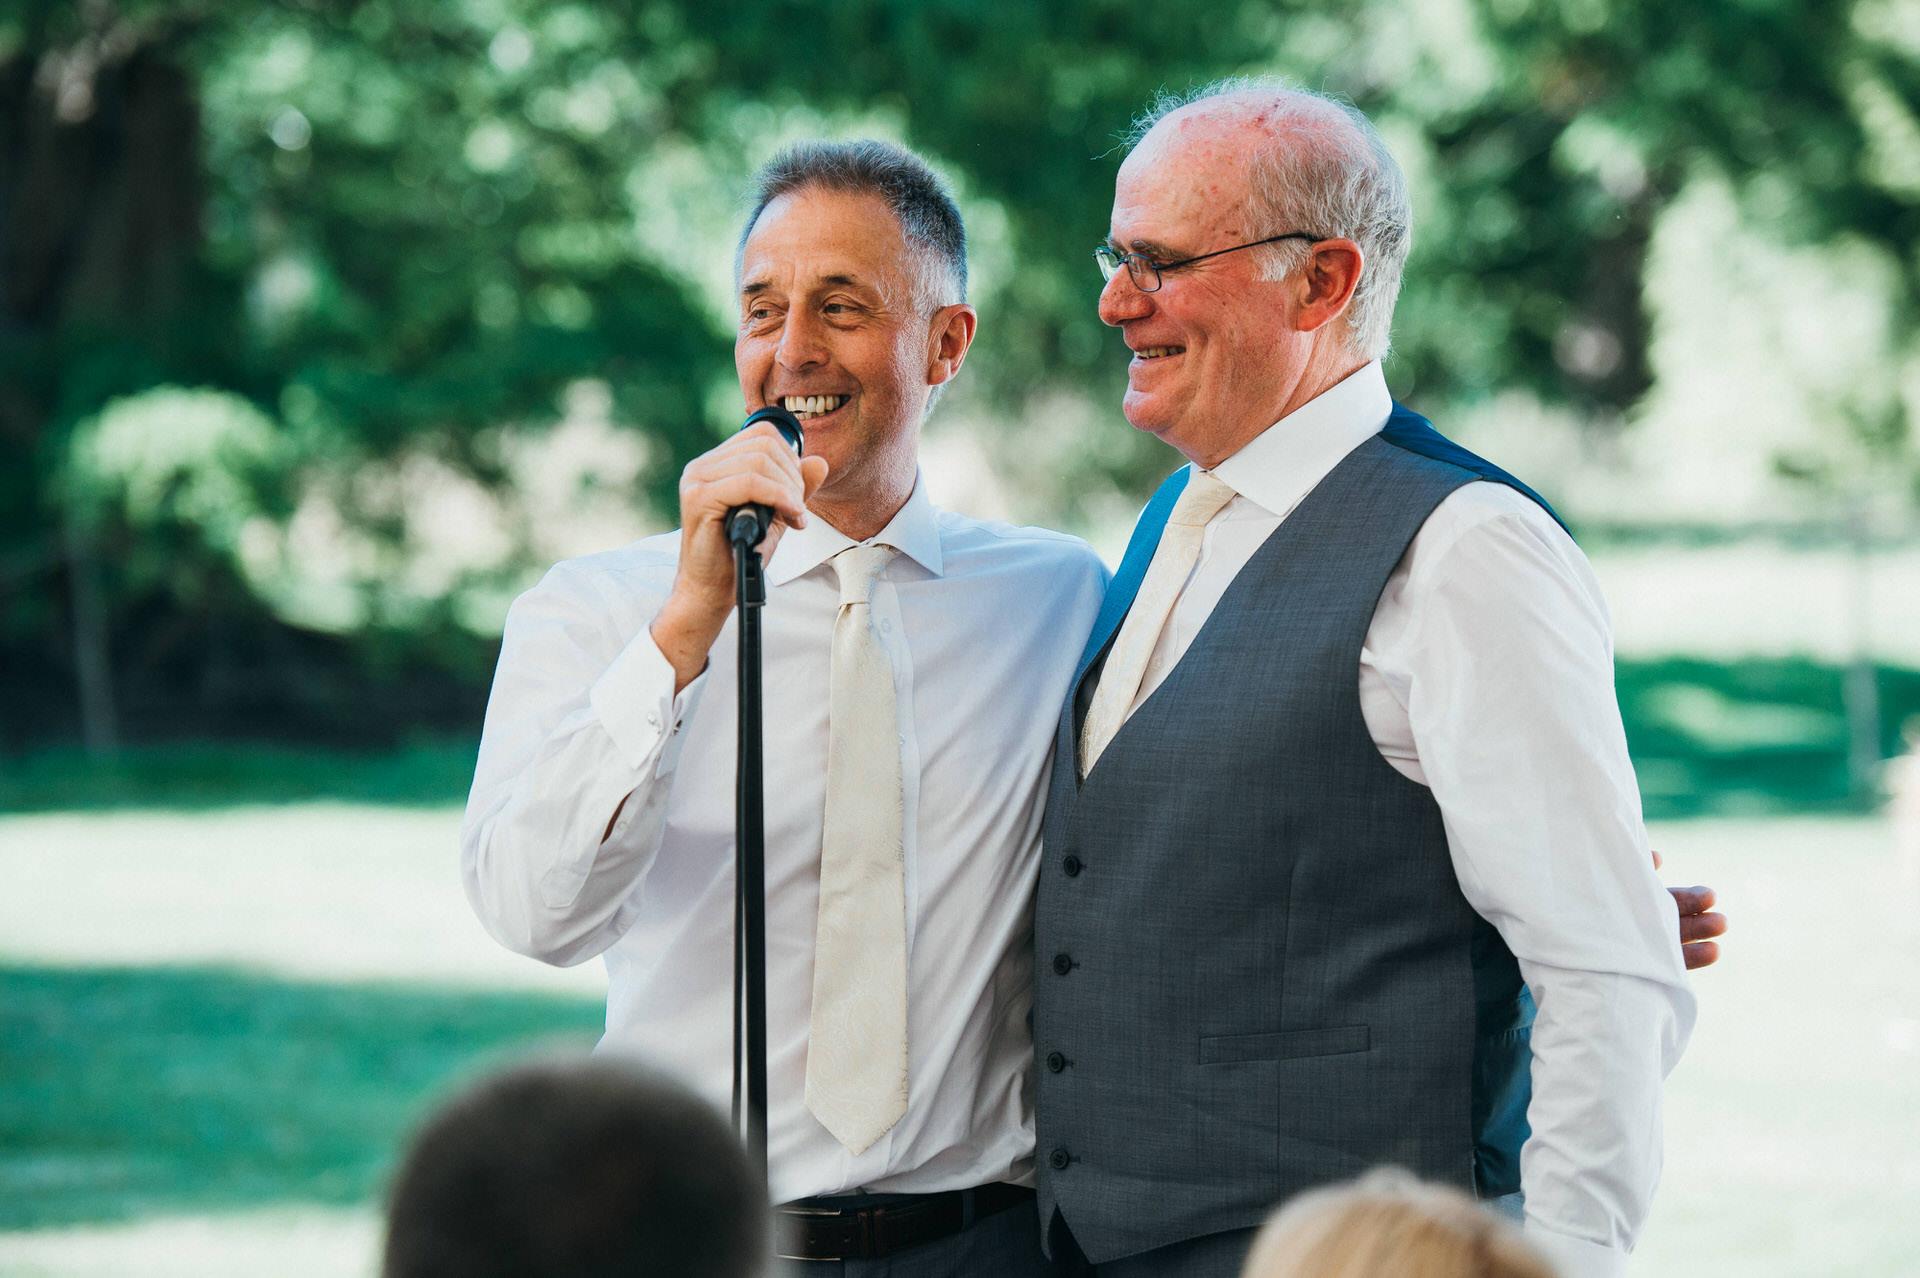 RHS Wisely wedding reception